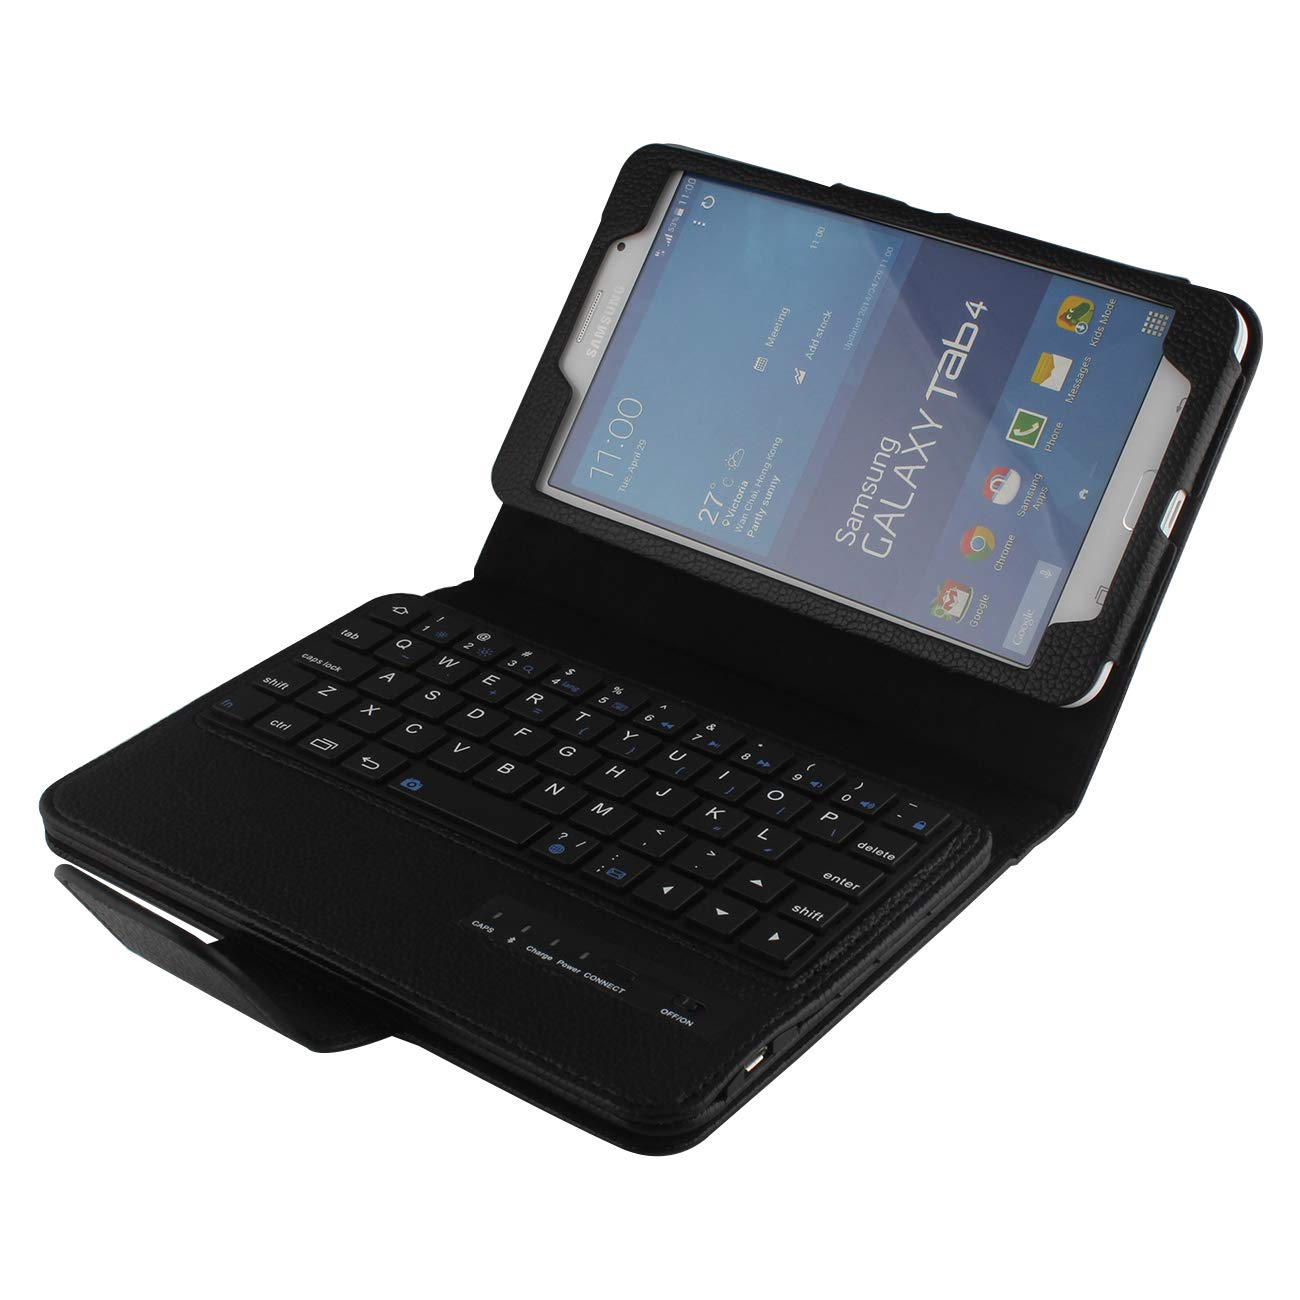 Samsung Galaxy Tab 4 7 0 Leather Keyboard Folio Case, Galaxy Tab 4 7 0 PU  Leather Cover, Wireless Bluetooth Keyboard for 7 0'' Samsung Galaxy Tab 4